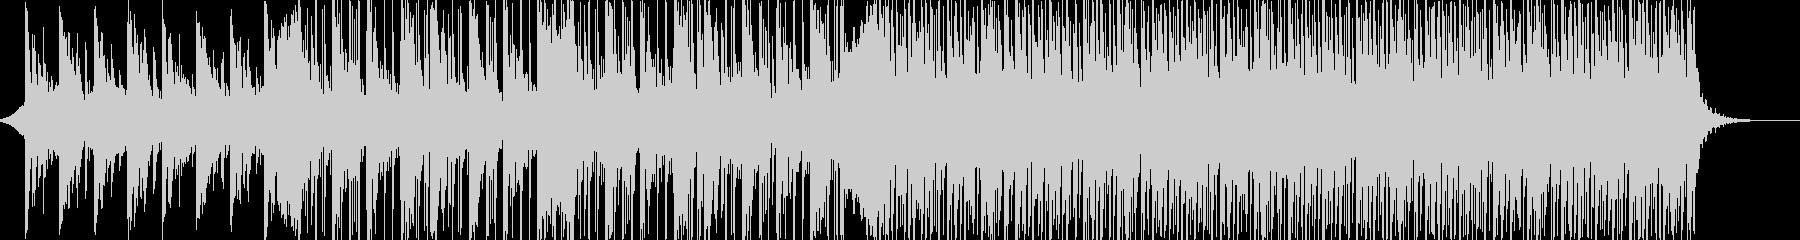 暖かくお洒落なピアノ中心の電子楽曲の未再生の波形